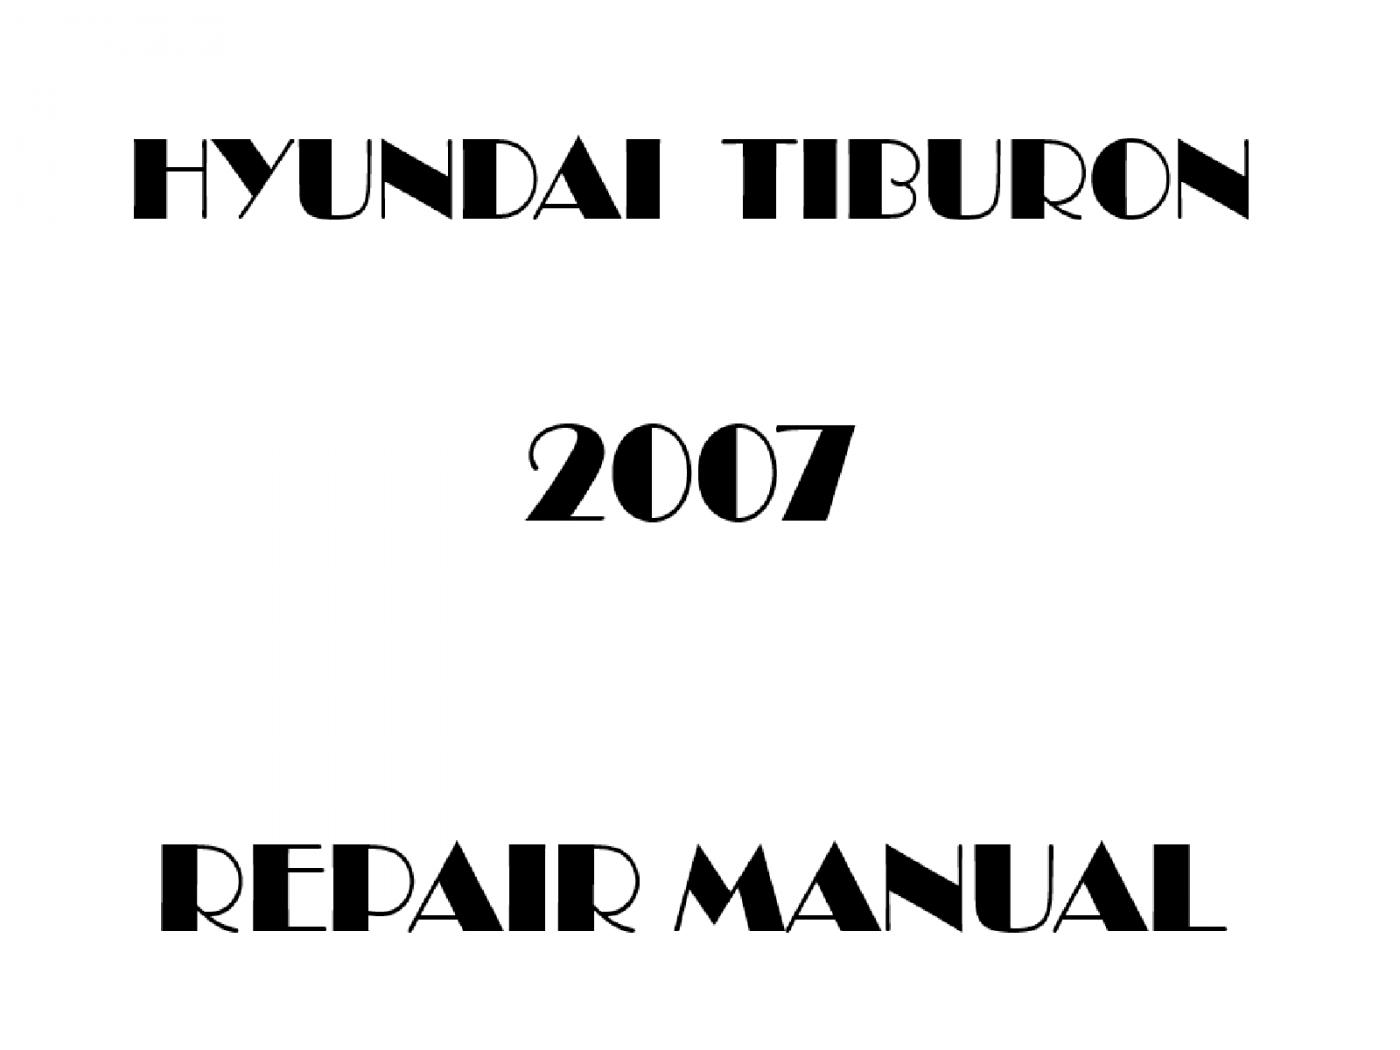 2007 Hyundai Tiburon repair manual